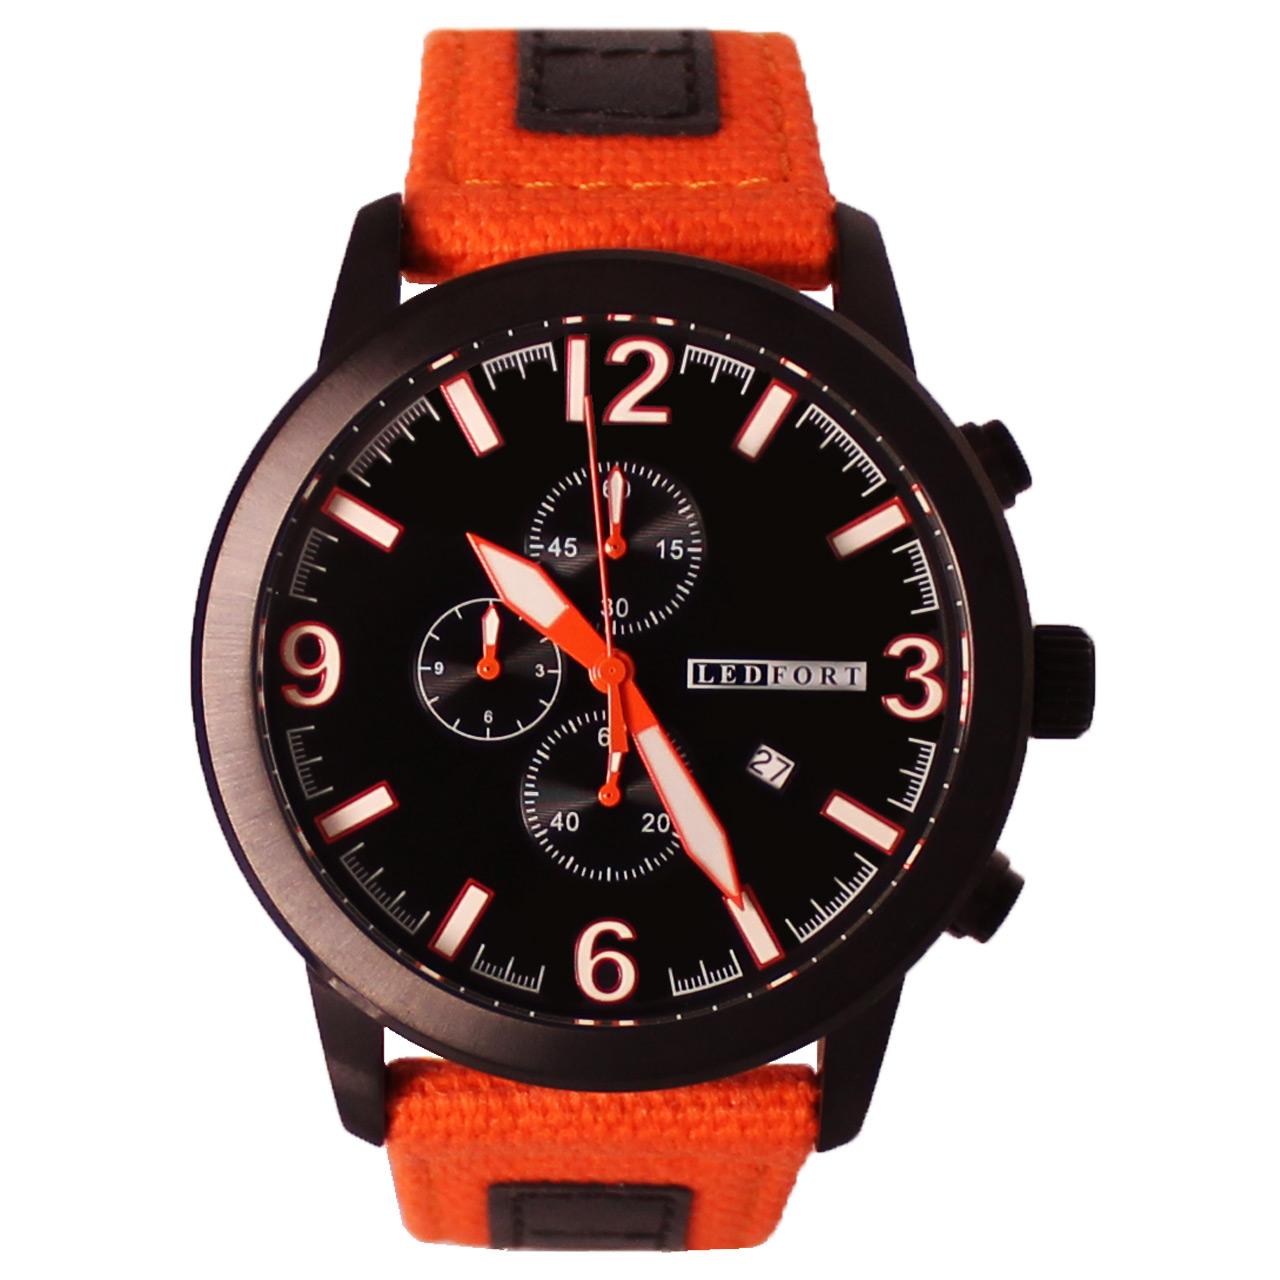 ساعت مچی عقربه ای مردانه لدفورت مدل کرنوگراف کد MK-0007